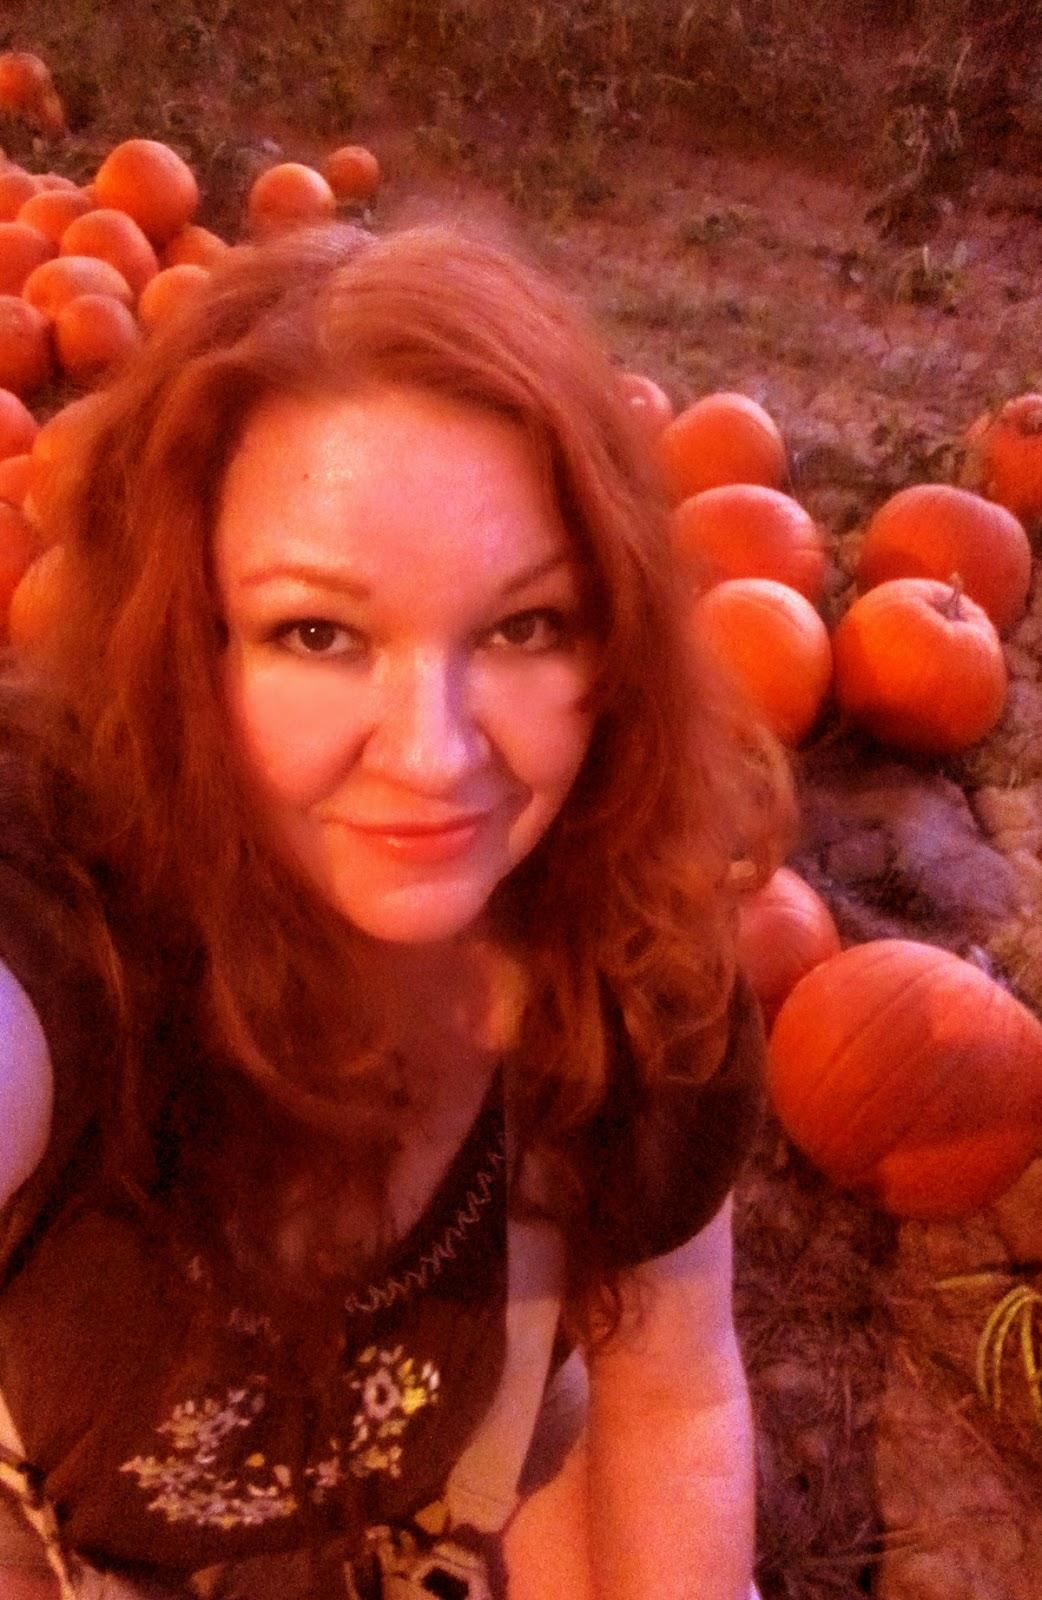 single women in spotsylvania Nude women fredericksburg, va, 22407  (fredericksburg, 22405 , spotsylvania county)  fredericksburg hot single women.